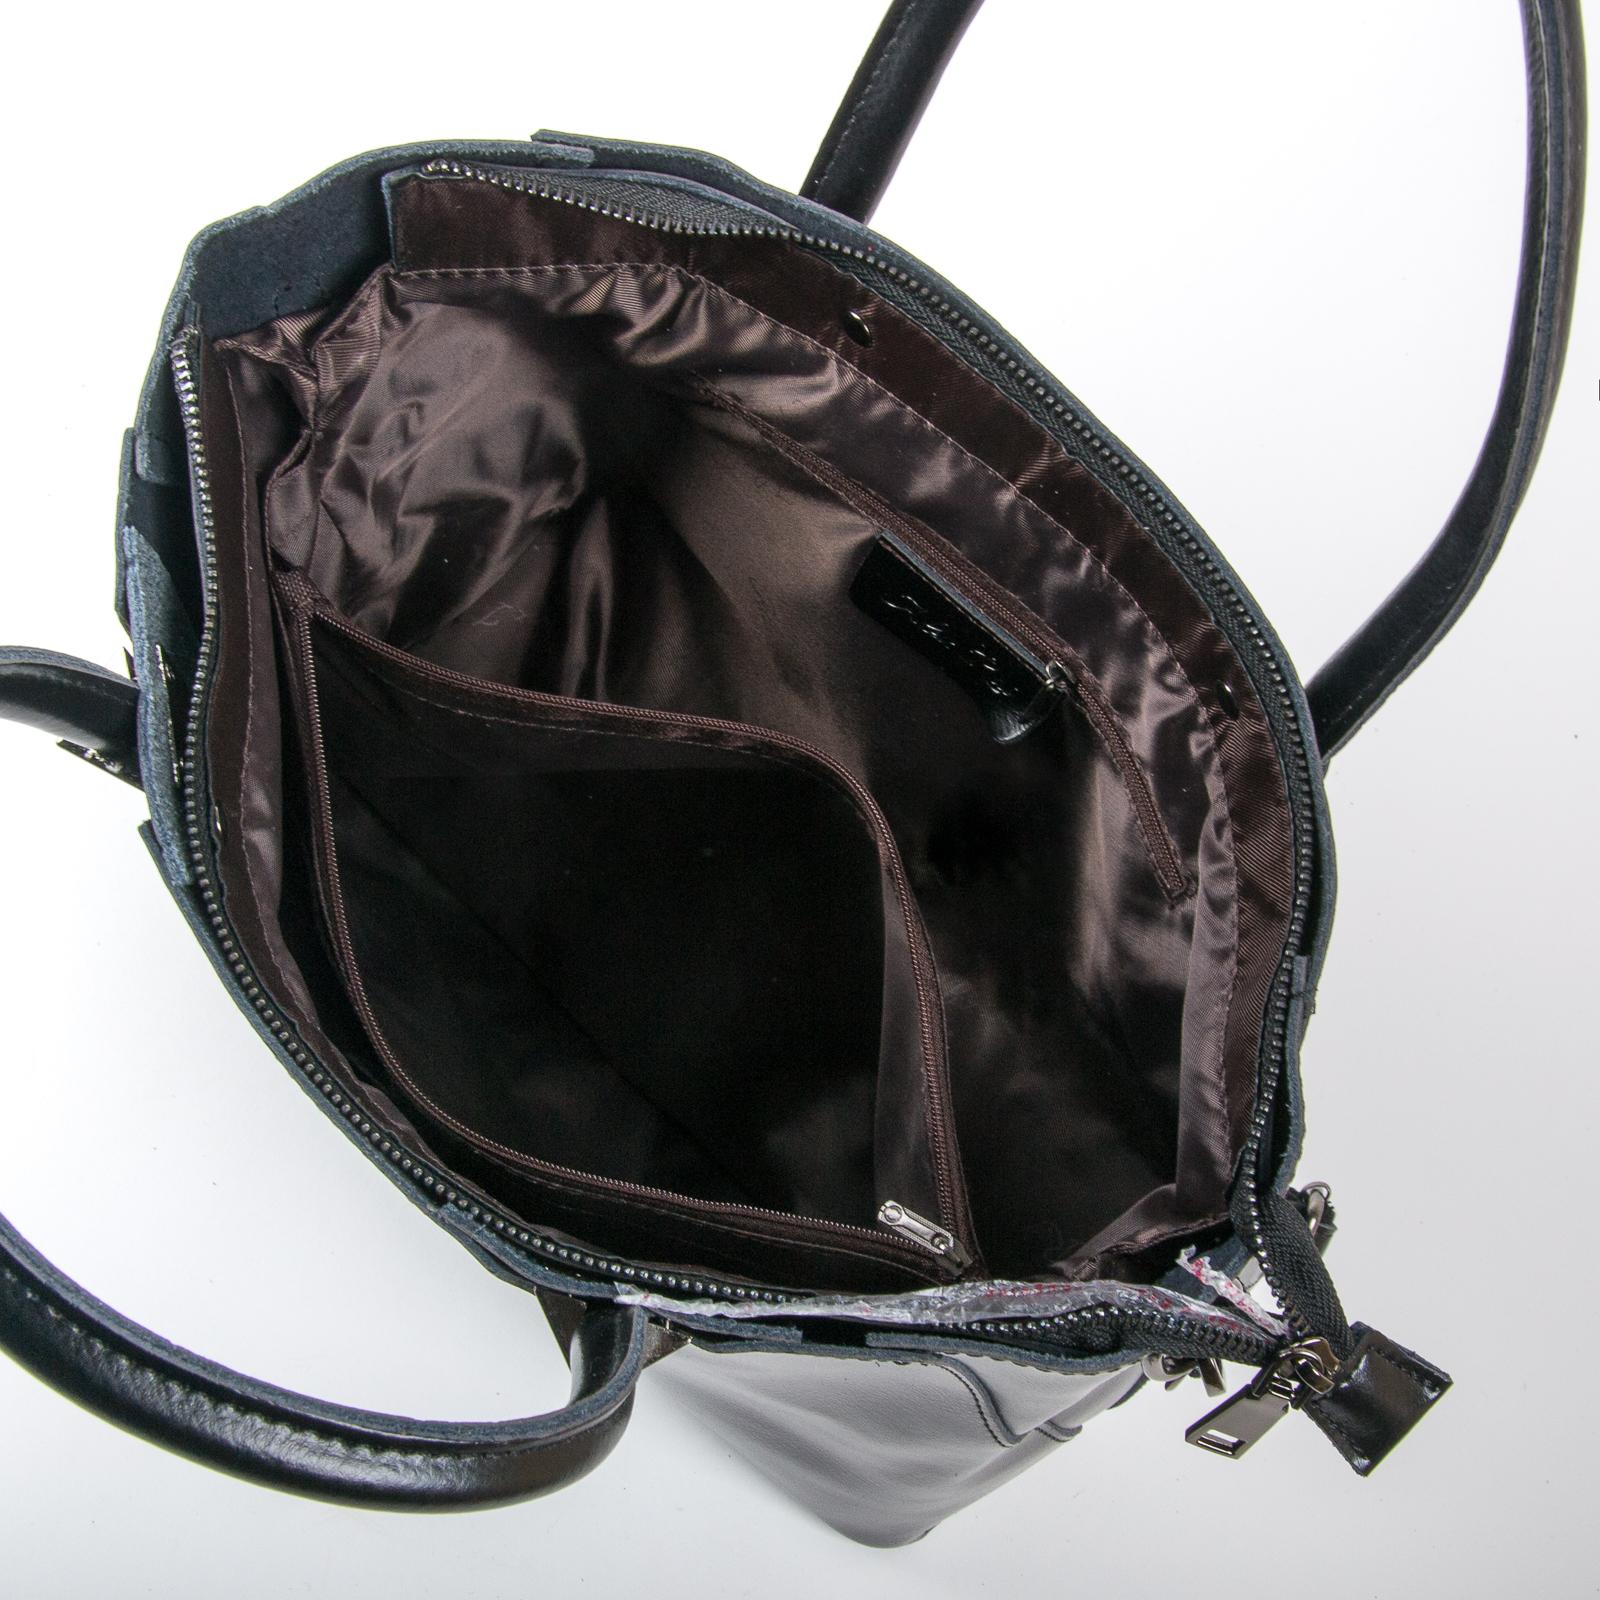 Сумка Женская Классическая кожа ALEX RAI 03-01 8778 black - фото 5